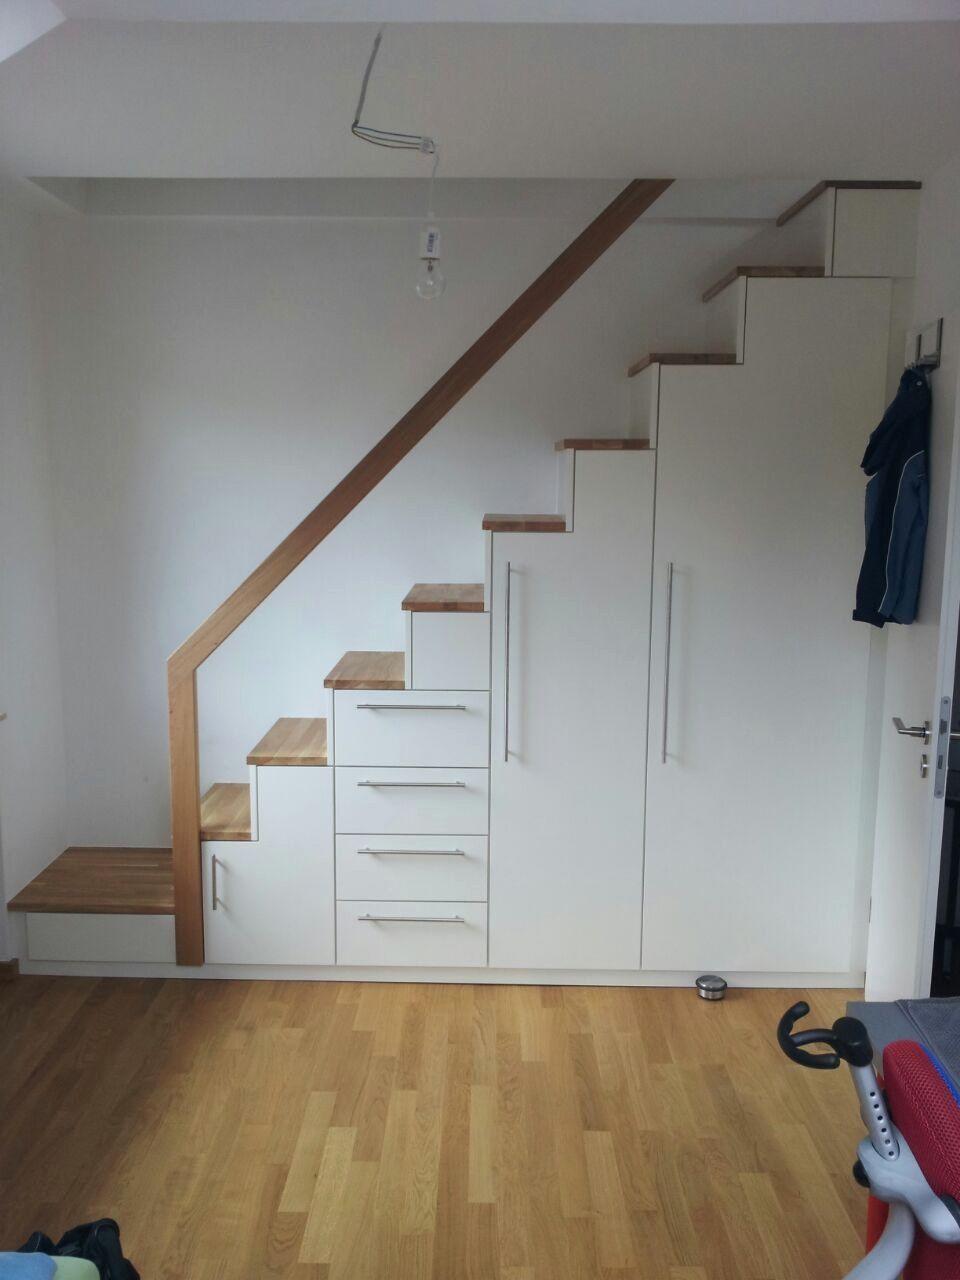 Dachboden Ausbauen Treppe Altholz In Treppe Und Schrank